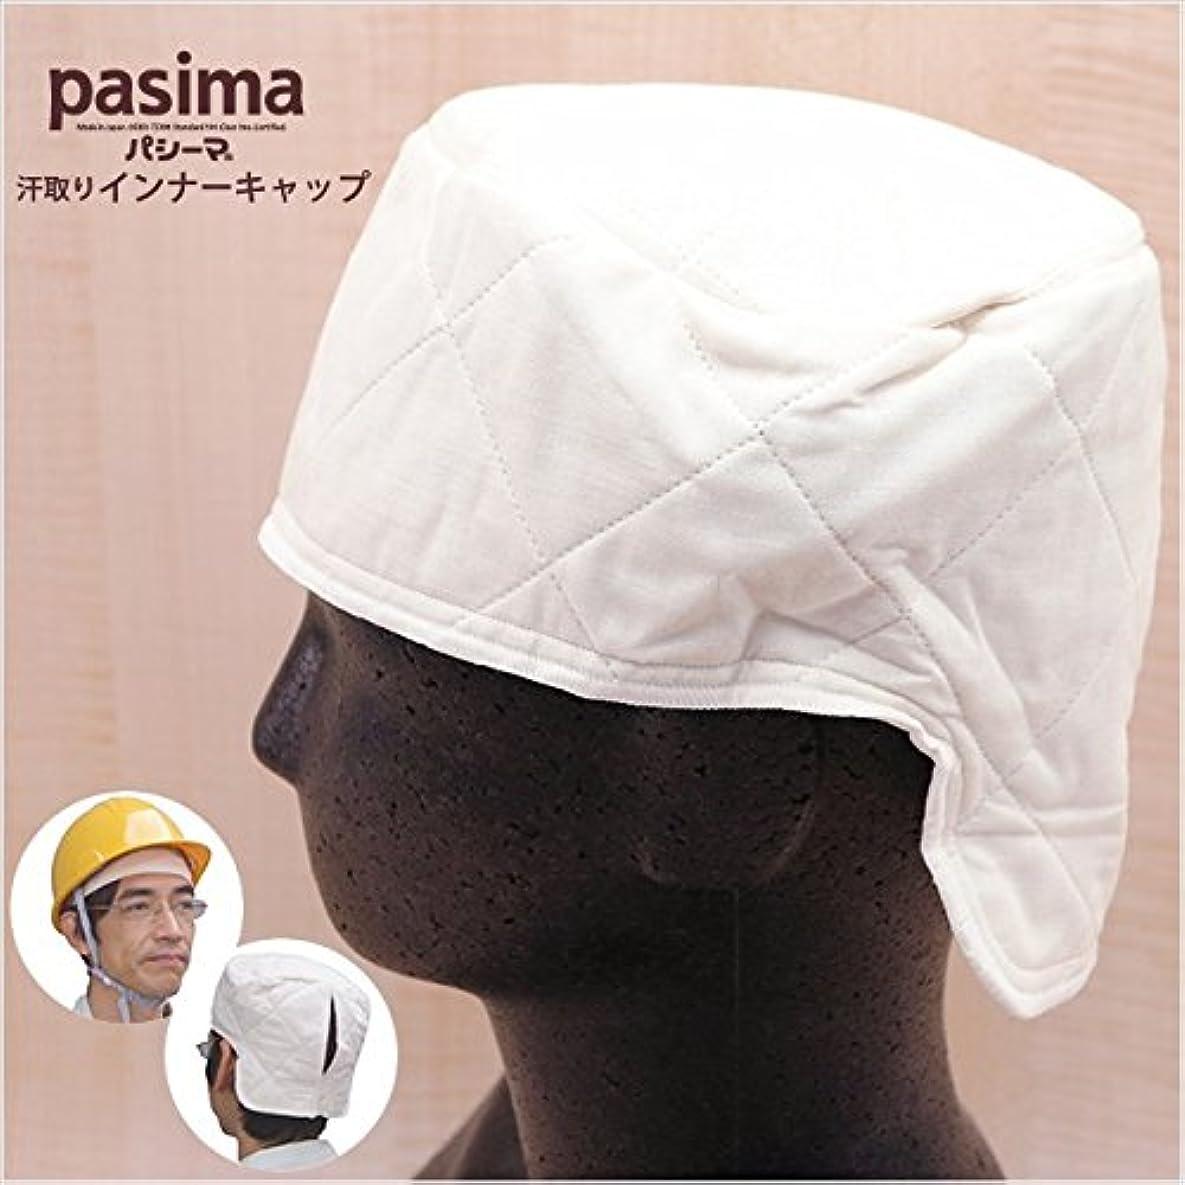 激しいマニアックパキスタンパシーマの汗とりインナーキャップ フリーサイズ pasima (28110018)